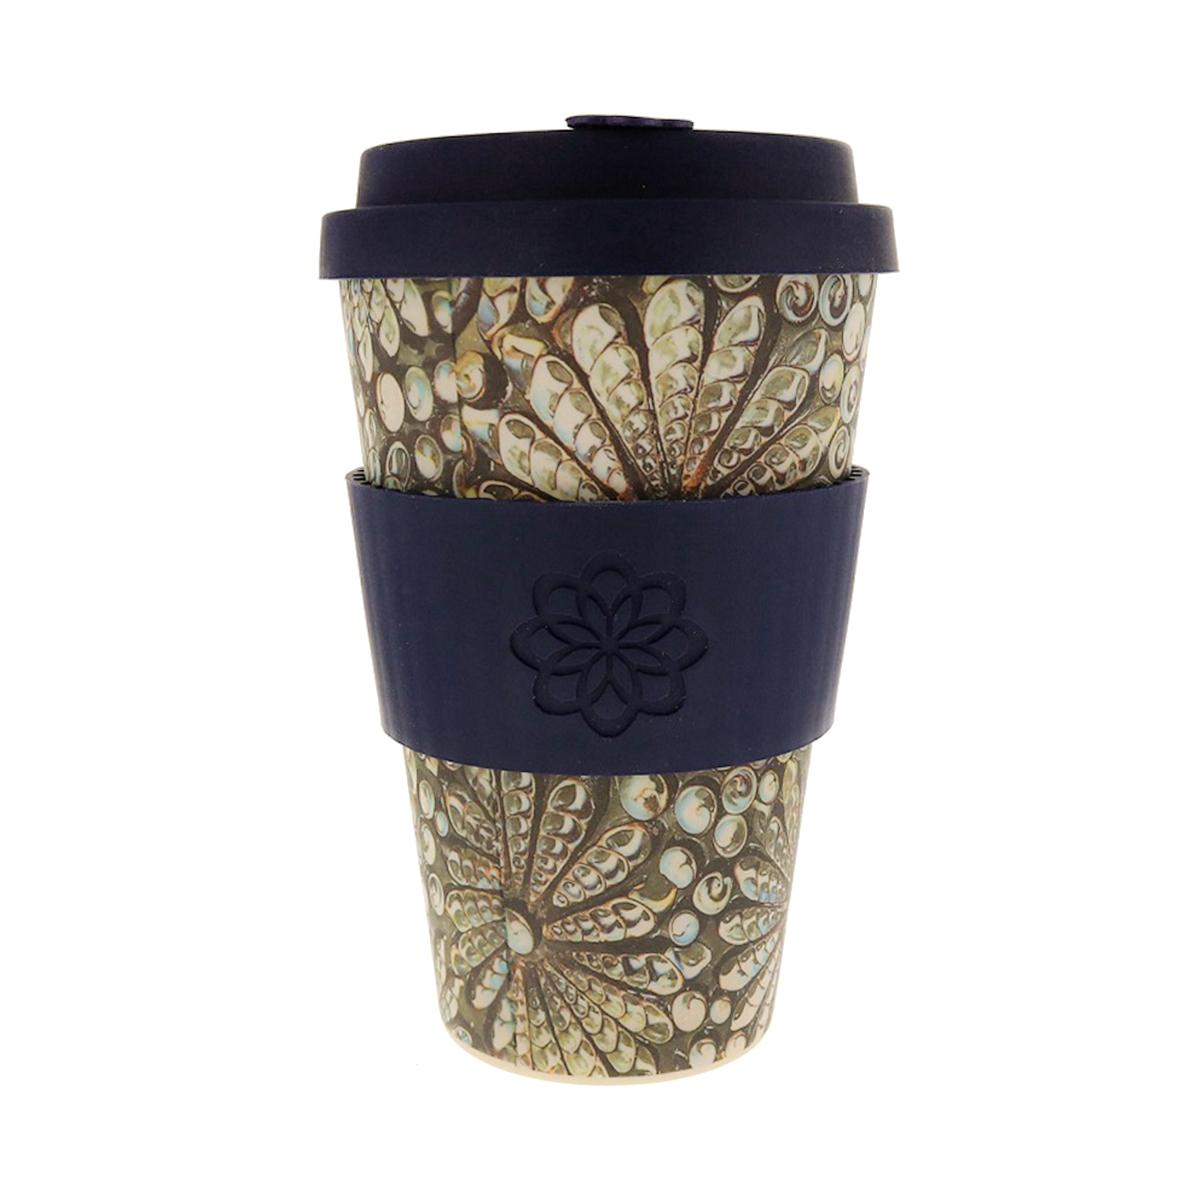 エコーヒーカップ|KAI LEHO(貝)